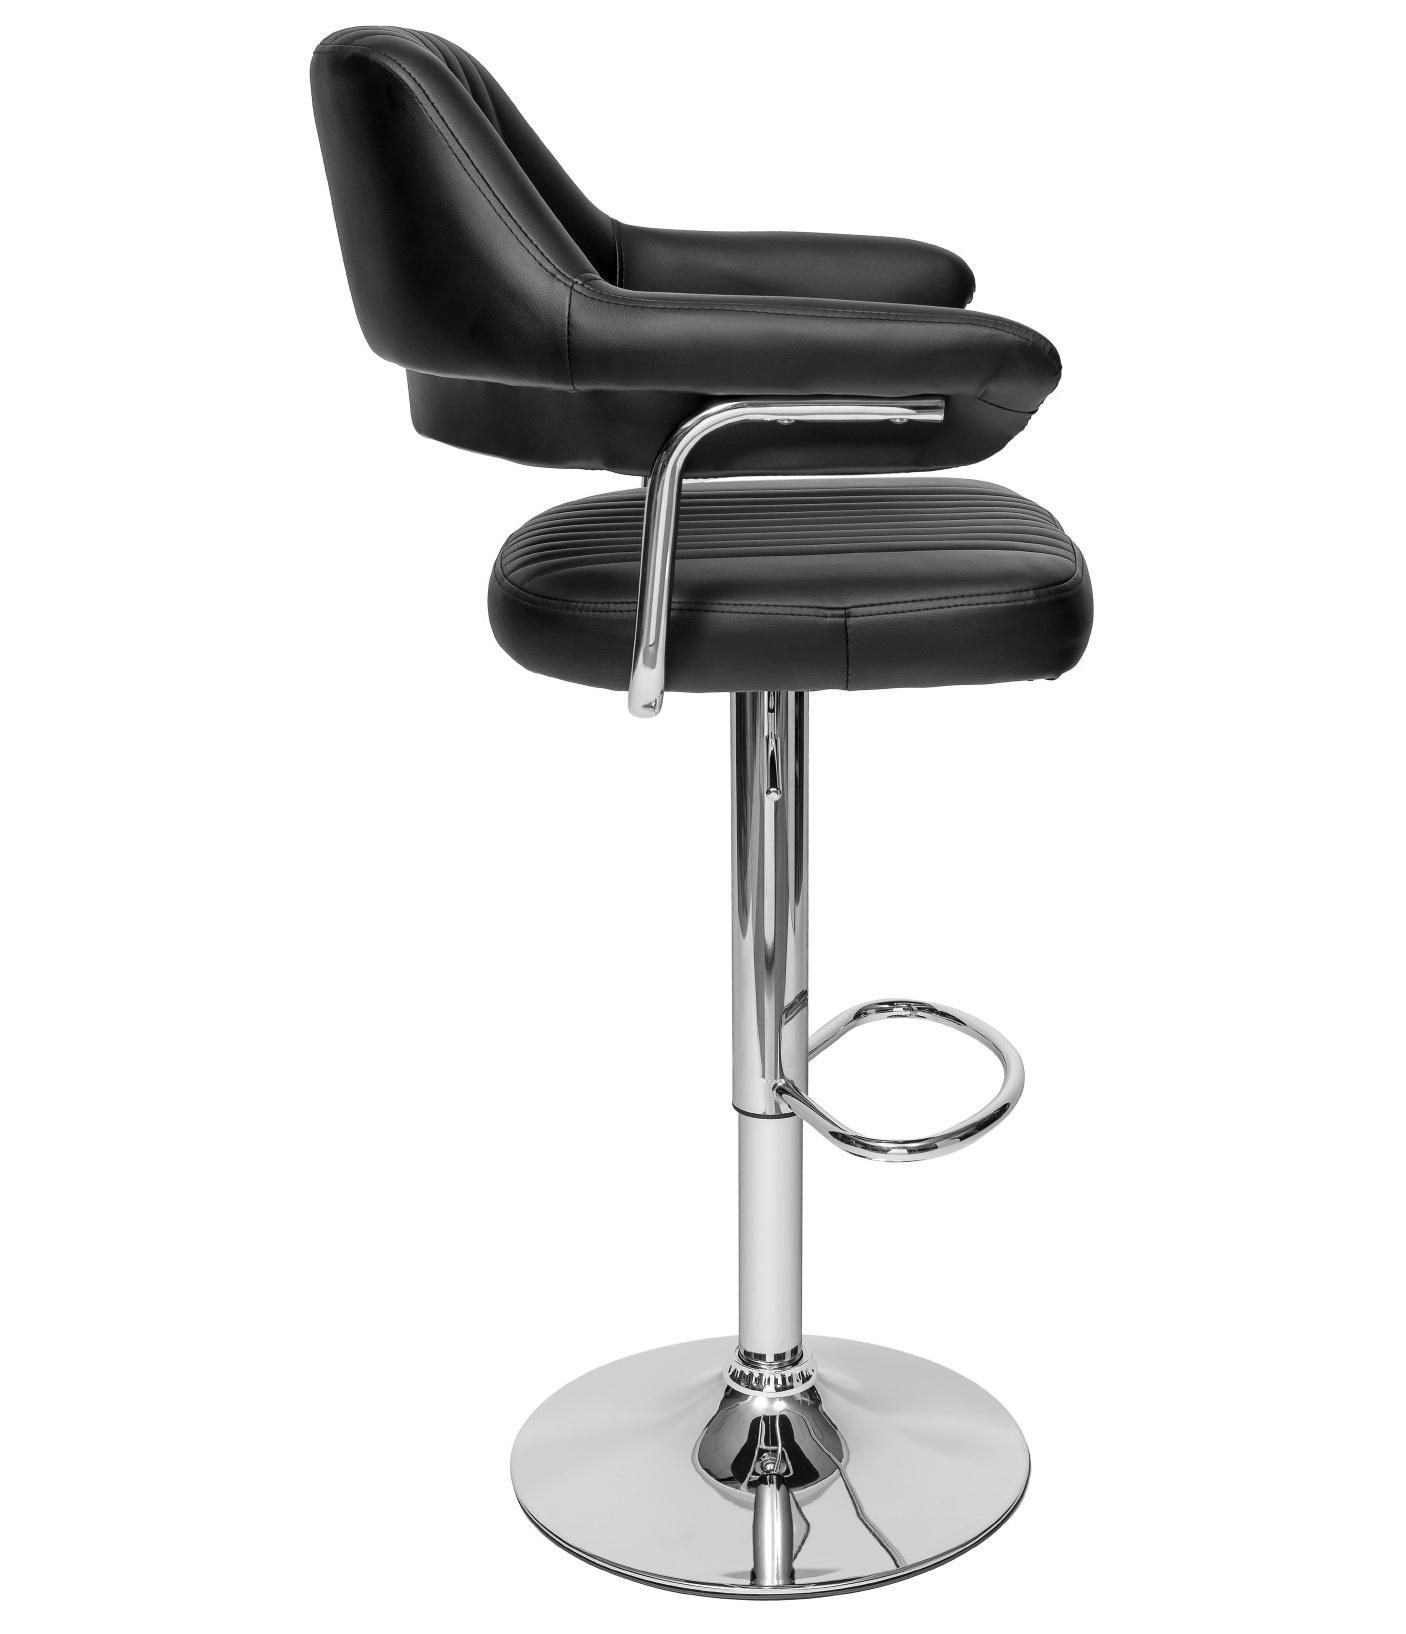 загадочный мир картинка барных стульев знаки купить